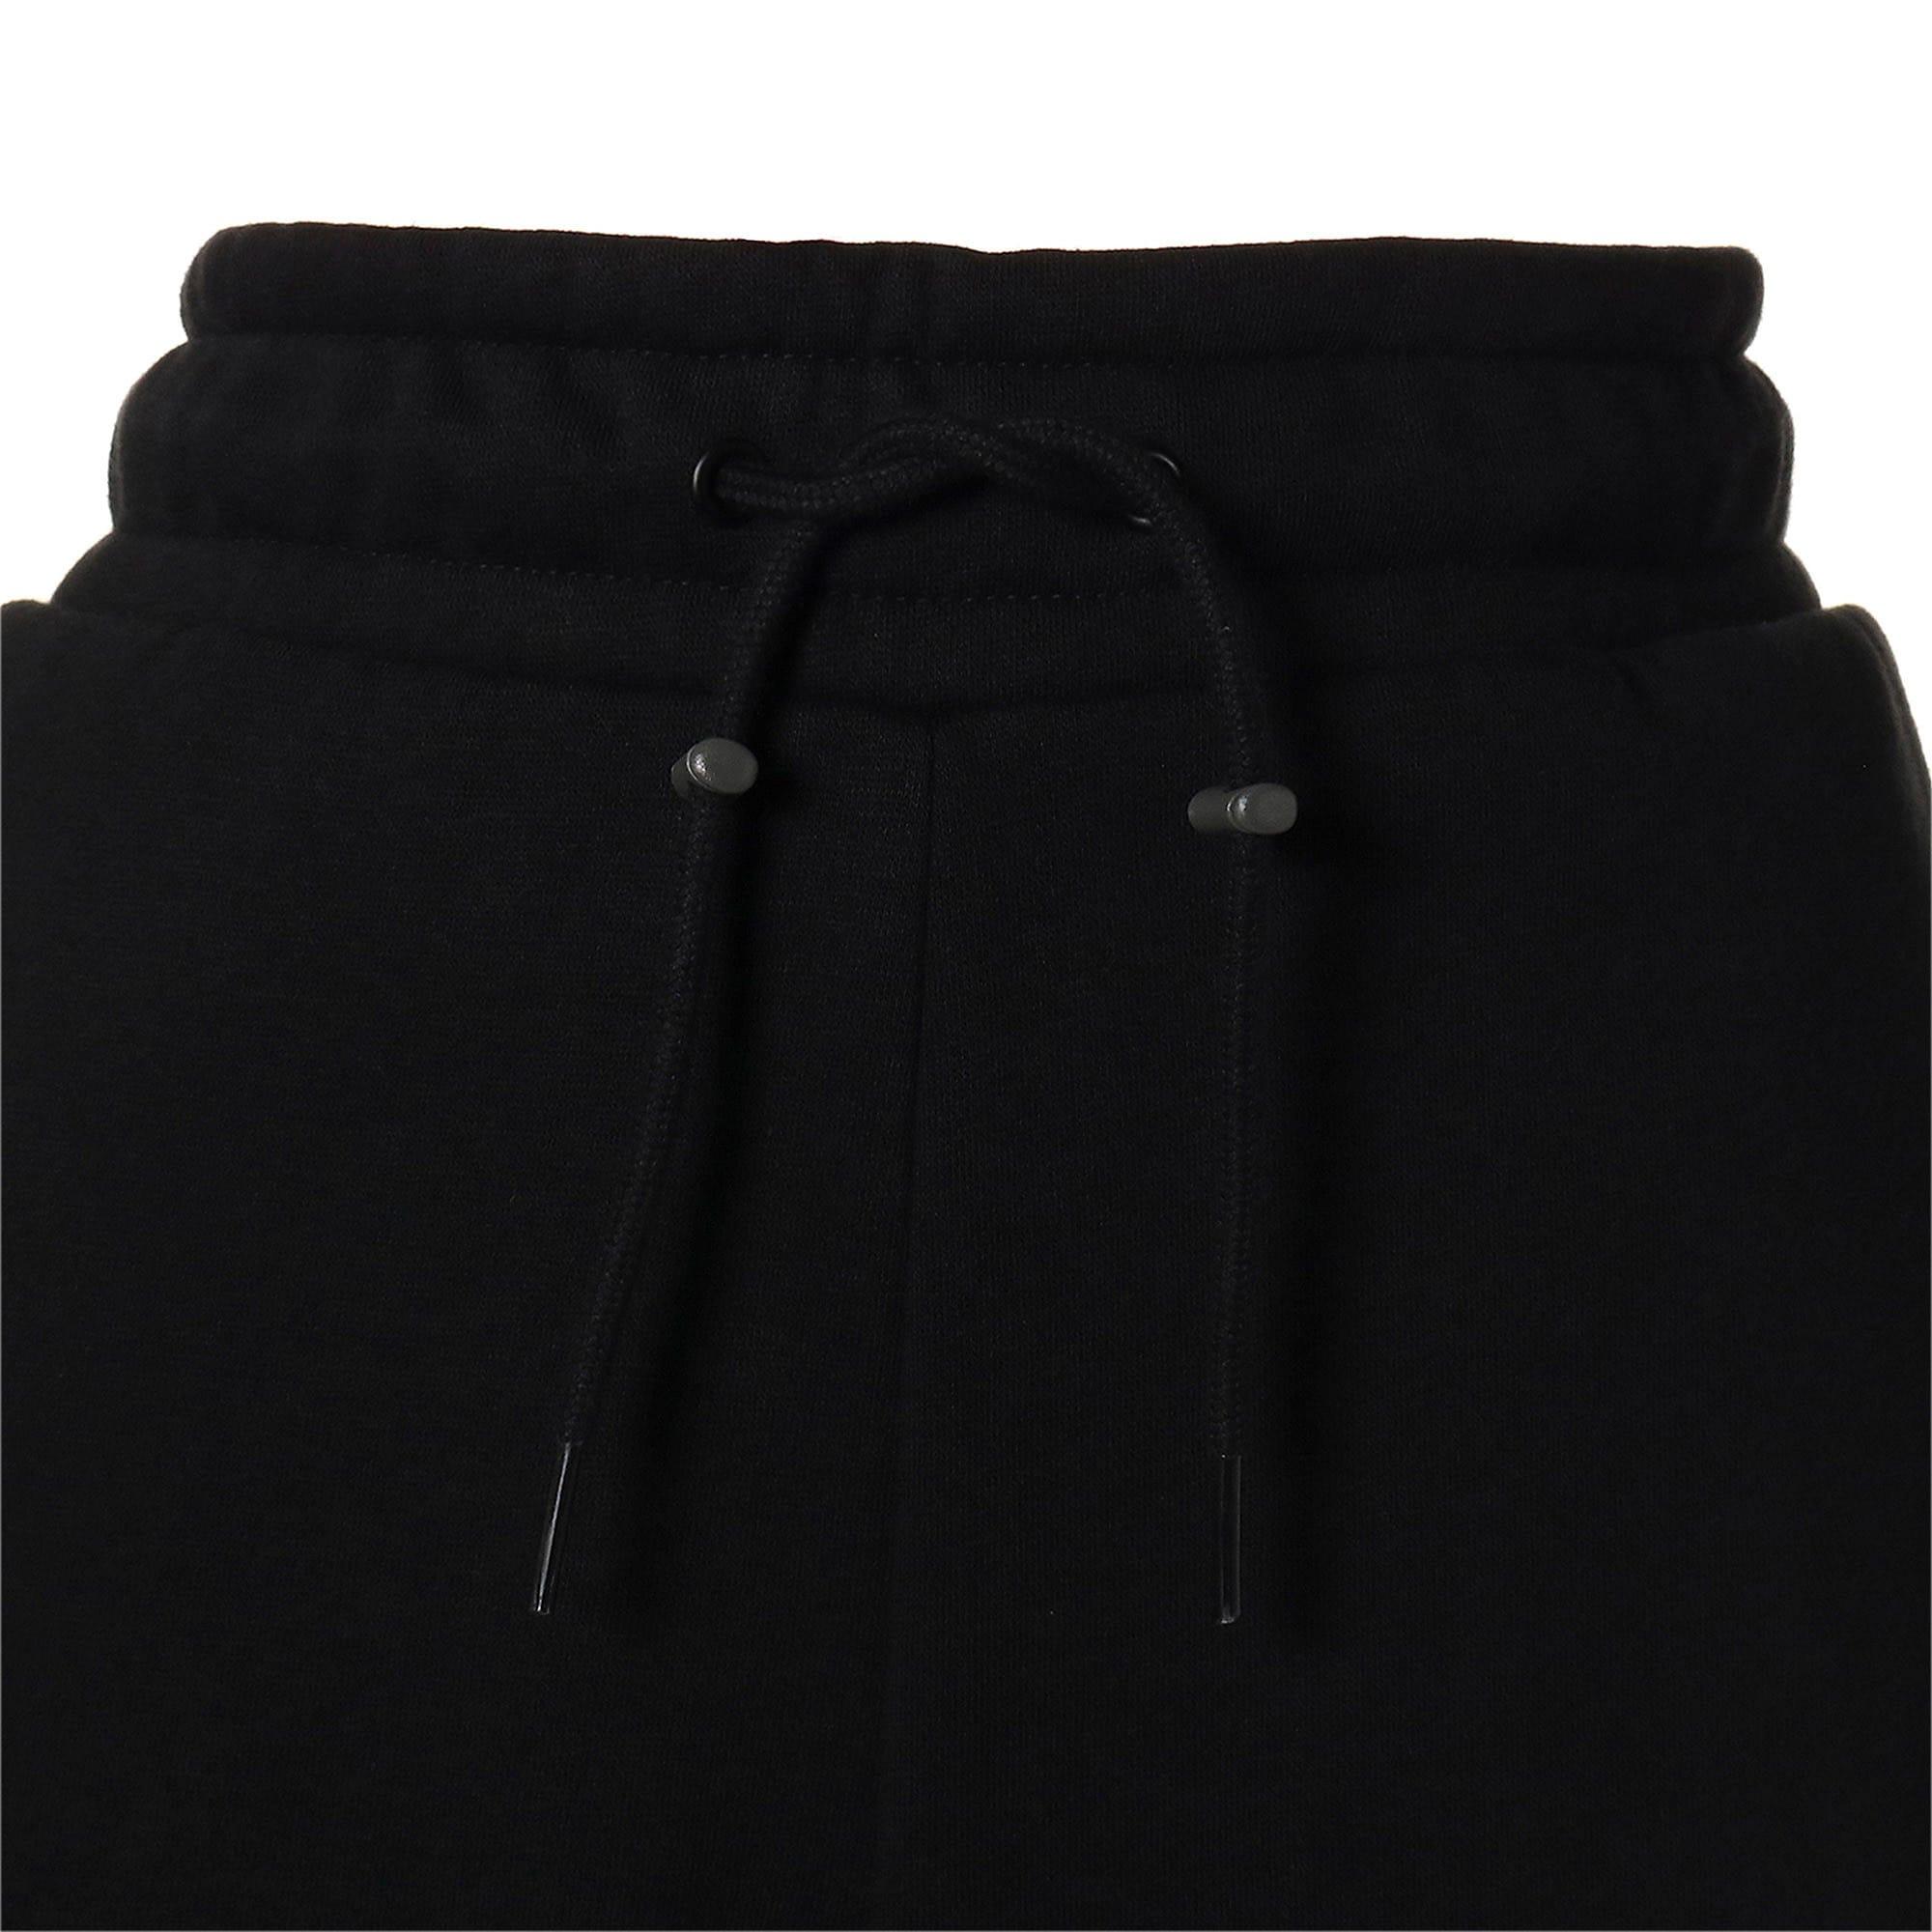 Thumbnail 7 of XTG トレイル ウィメンズ スウェット パンツ, Cotton Black, medium-JPN